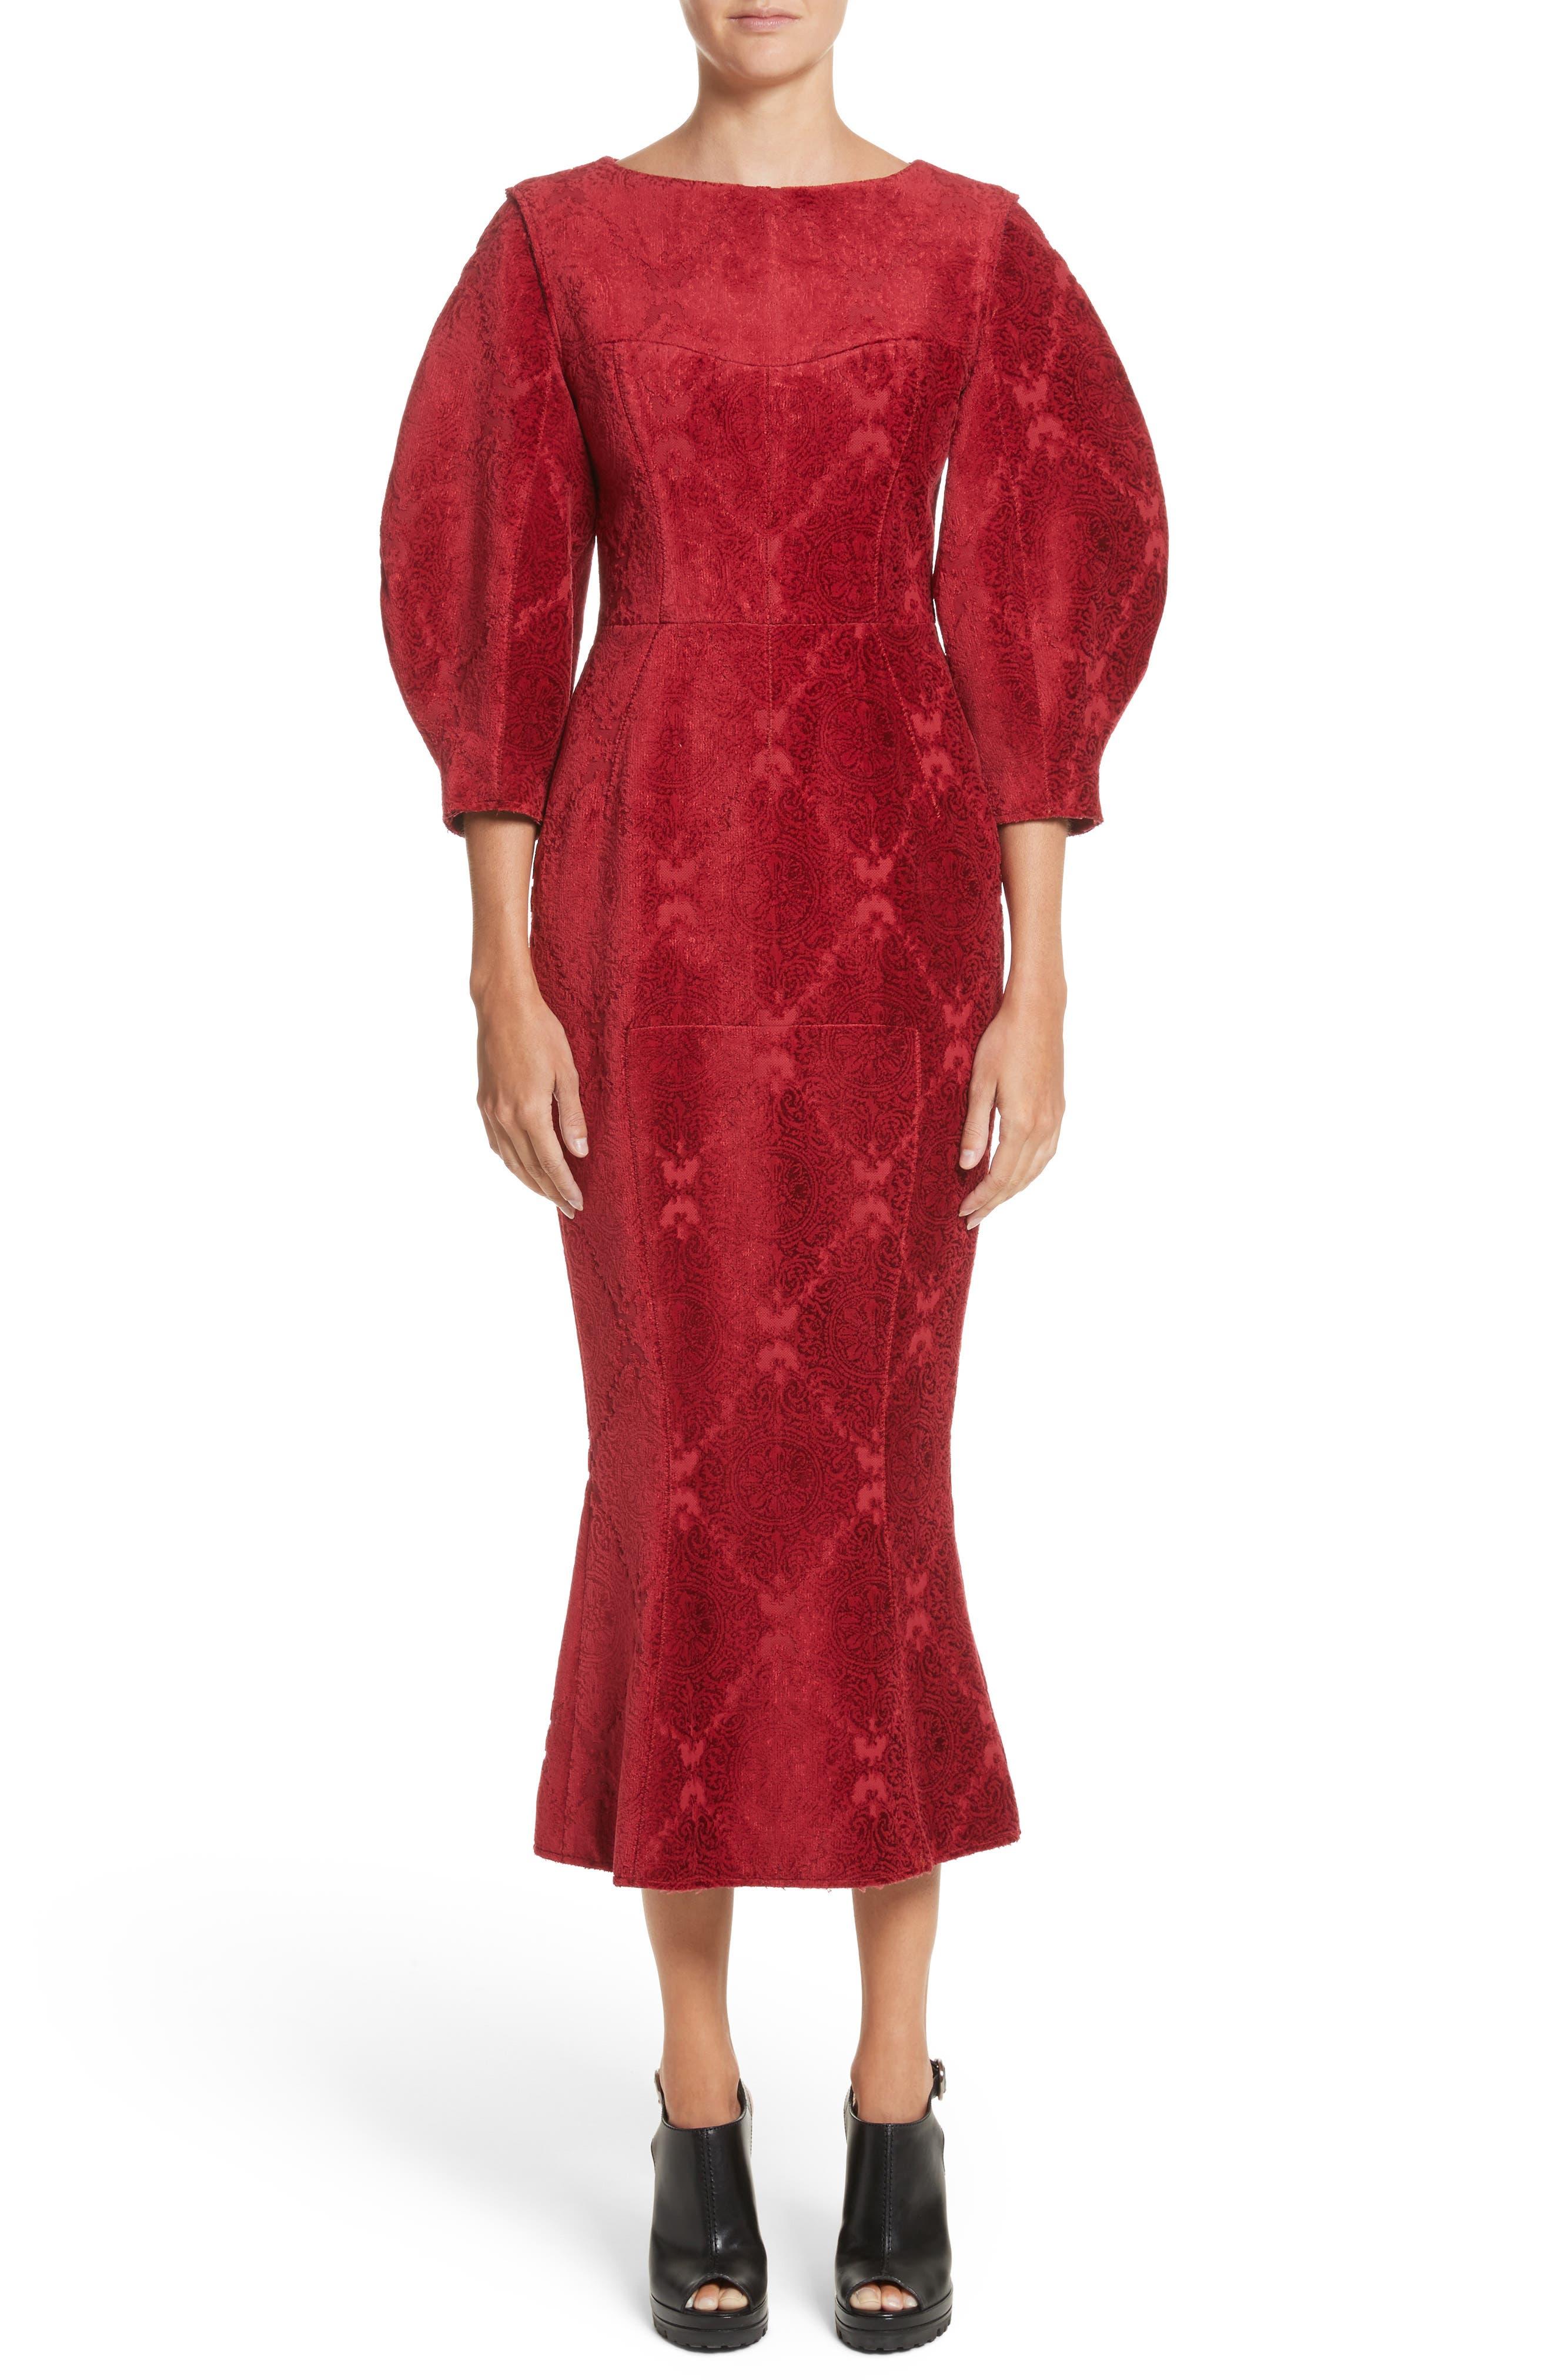 Alternate Image 1 Selected - Undercover Detachable Sleeve Flocked Velvet Dress